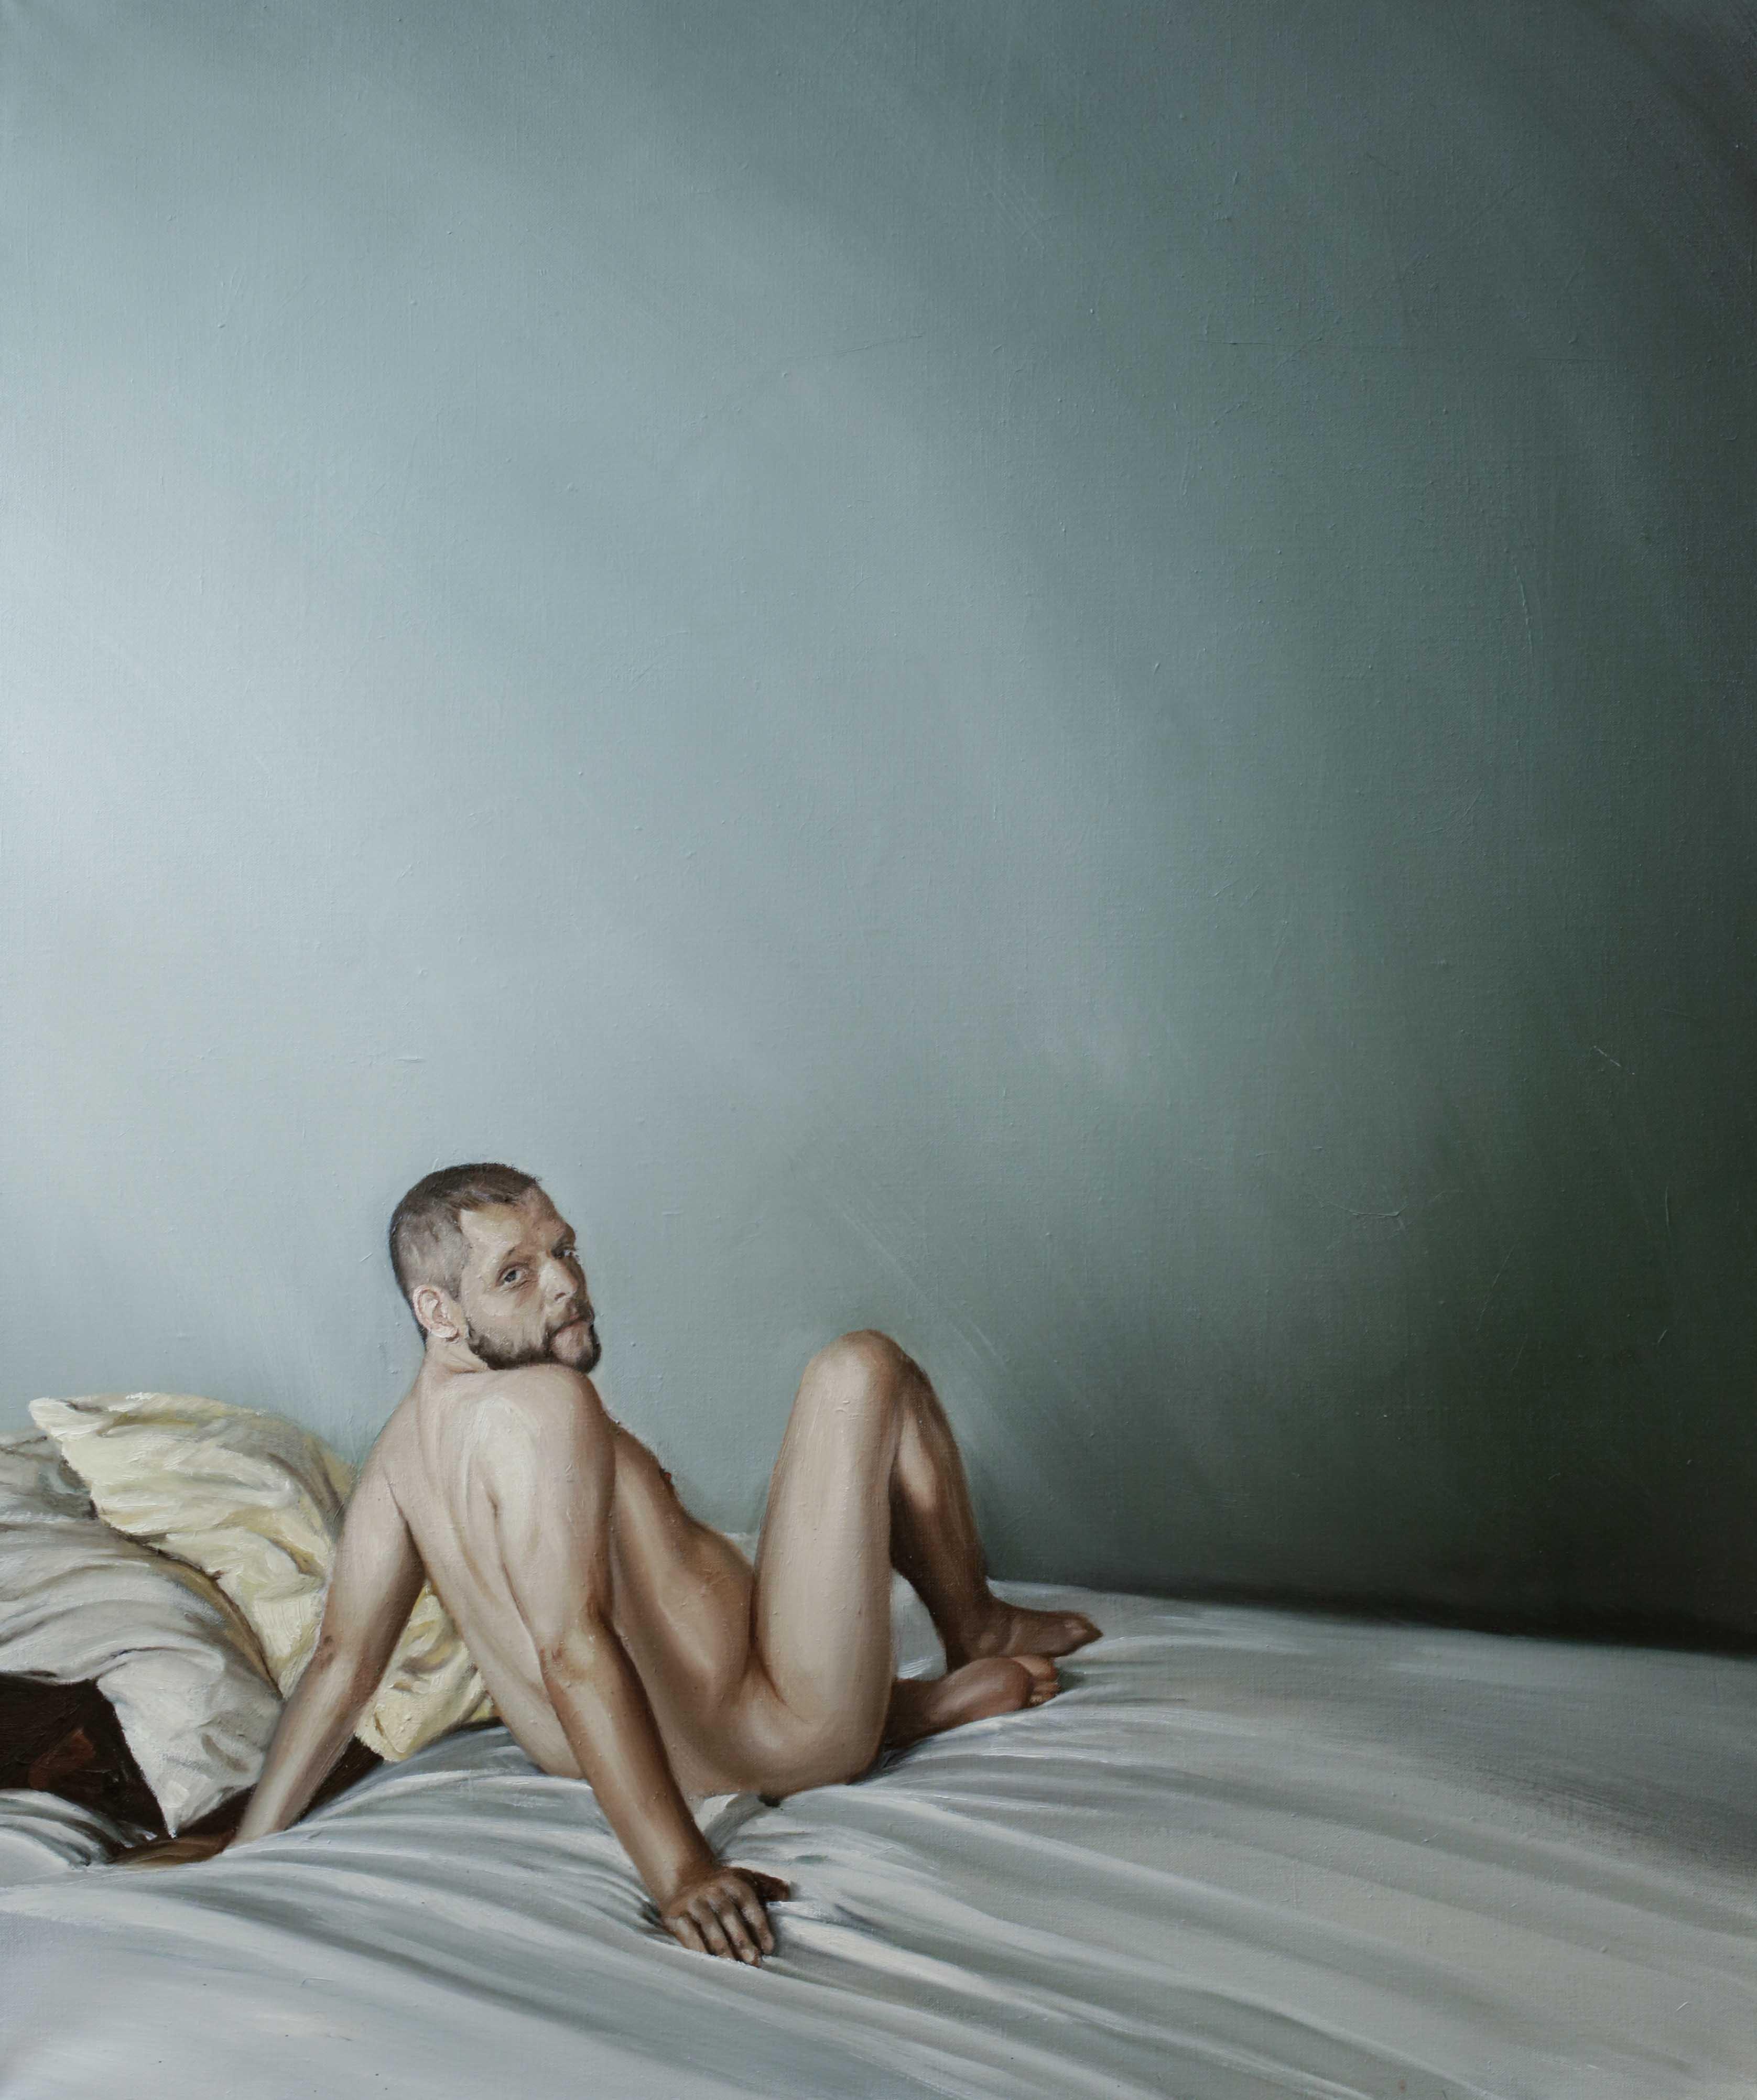 Alexander, auf dem Bett sitzend